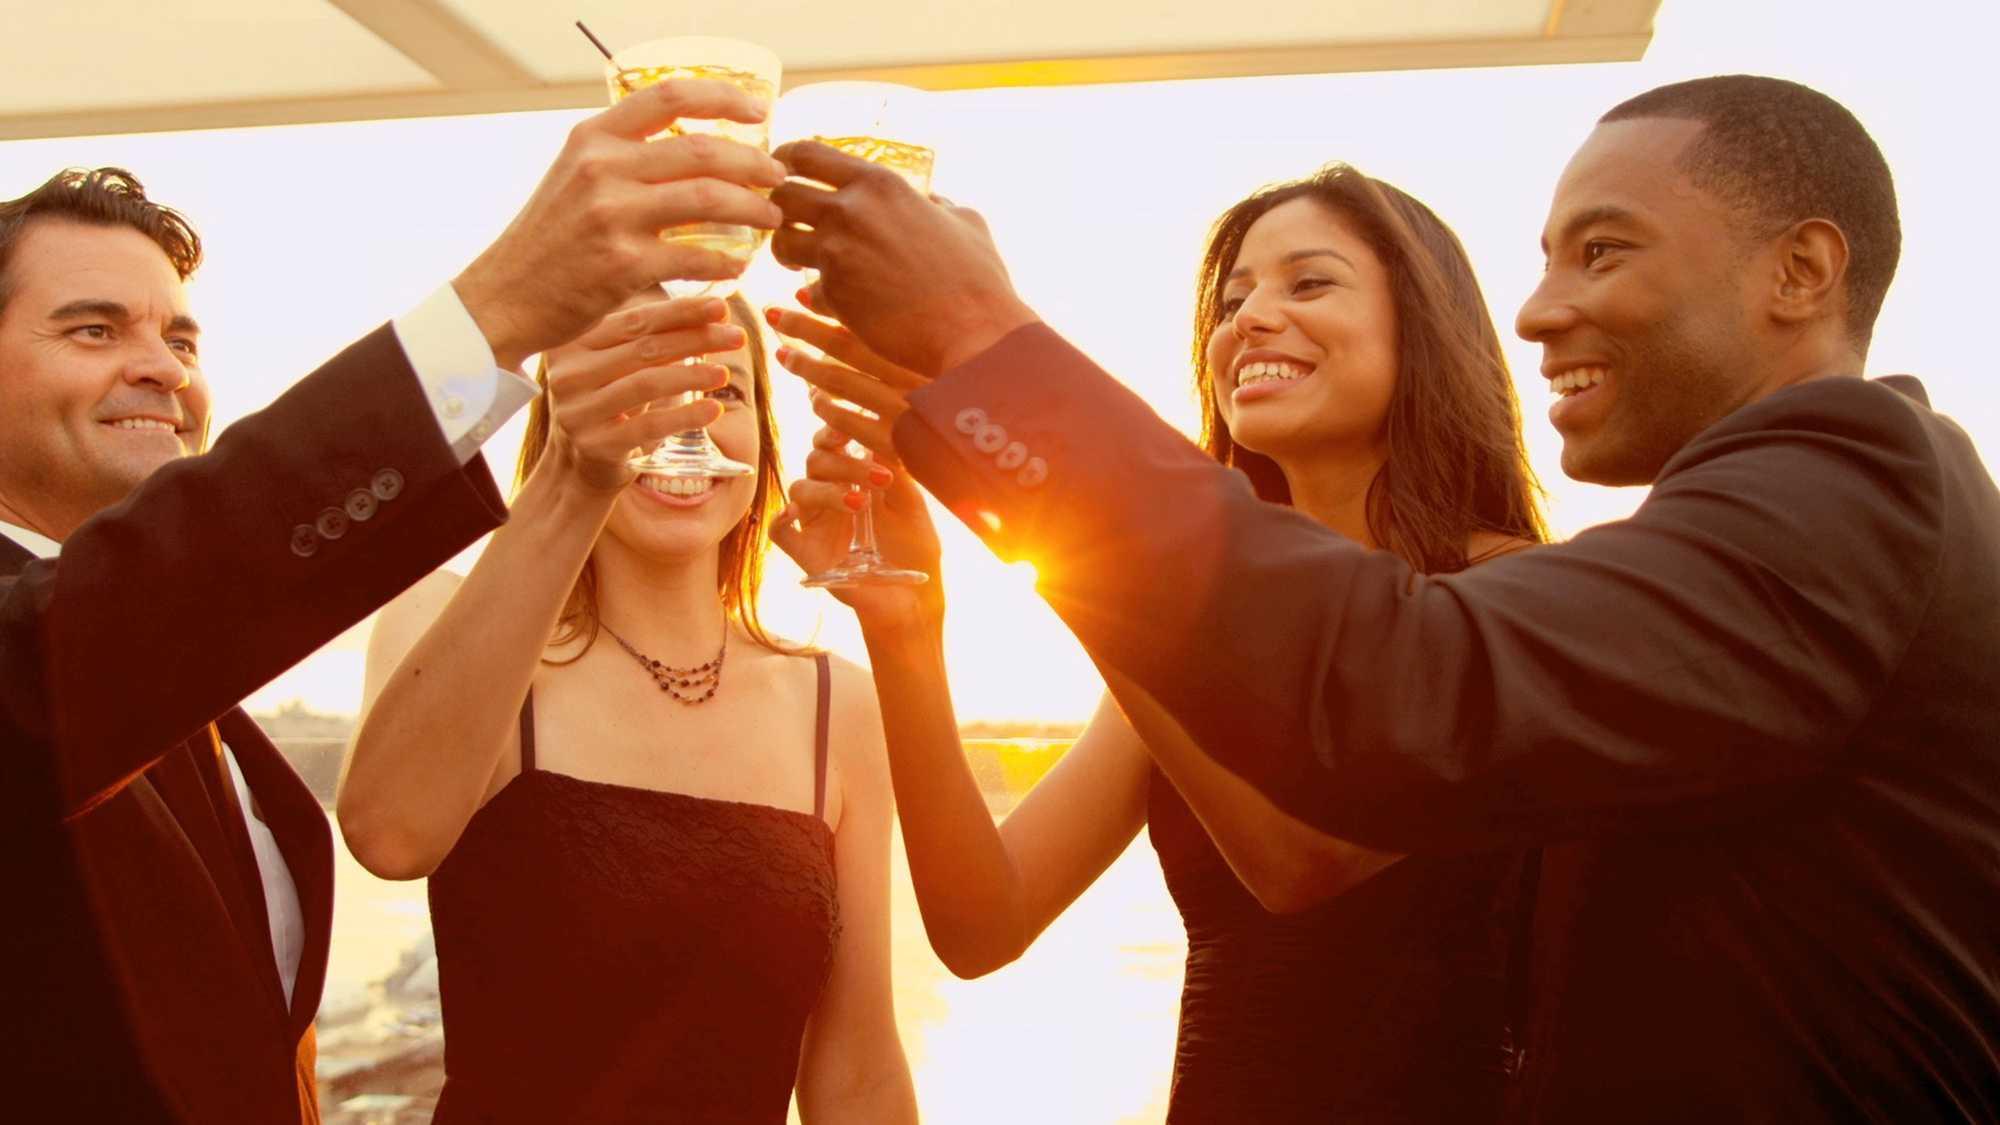 Das Bild zeigt eine Gruppe Menschen. Zwei Männer und zwei Frauen stehen im Kreis und stoßen mit Sektgläsern an. Hinter ihnen scheint die Sonne. Sie tragen Kleidung fürs Büro. Das Bild dient als Sliderbild für den Portfolioeintrag H1 Fond von Panda Pictures.